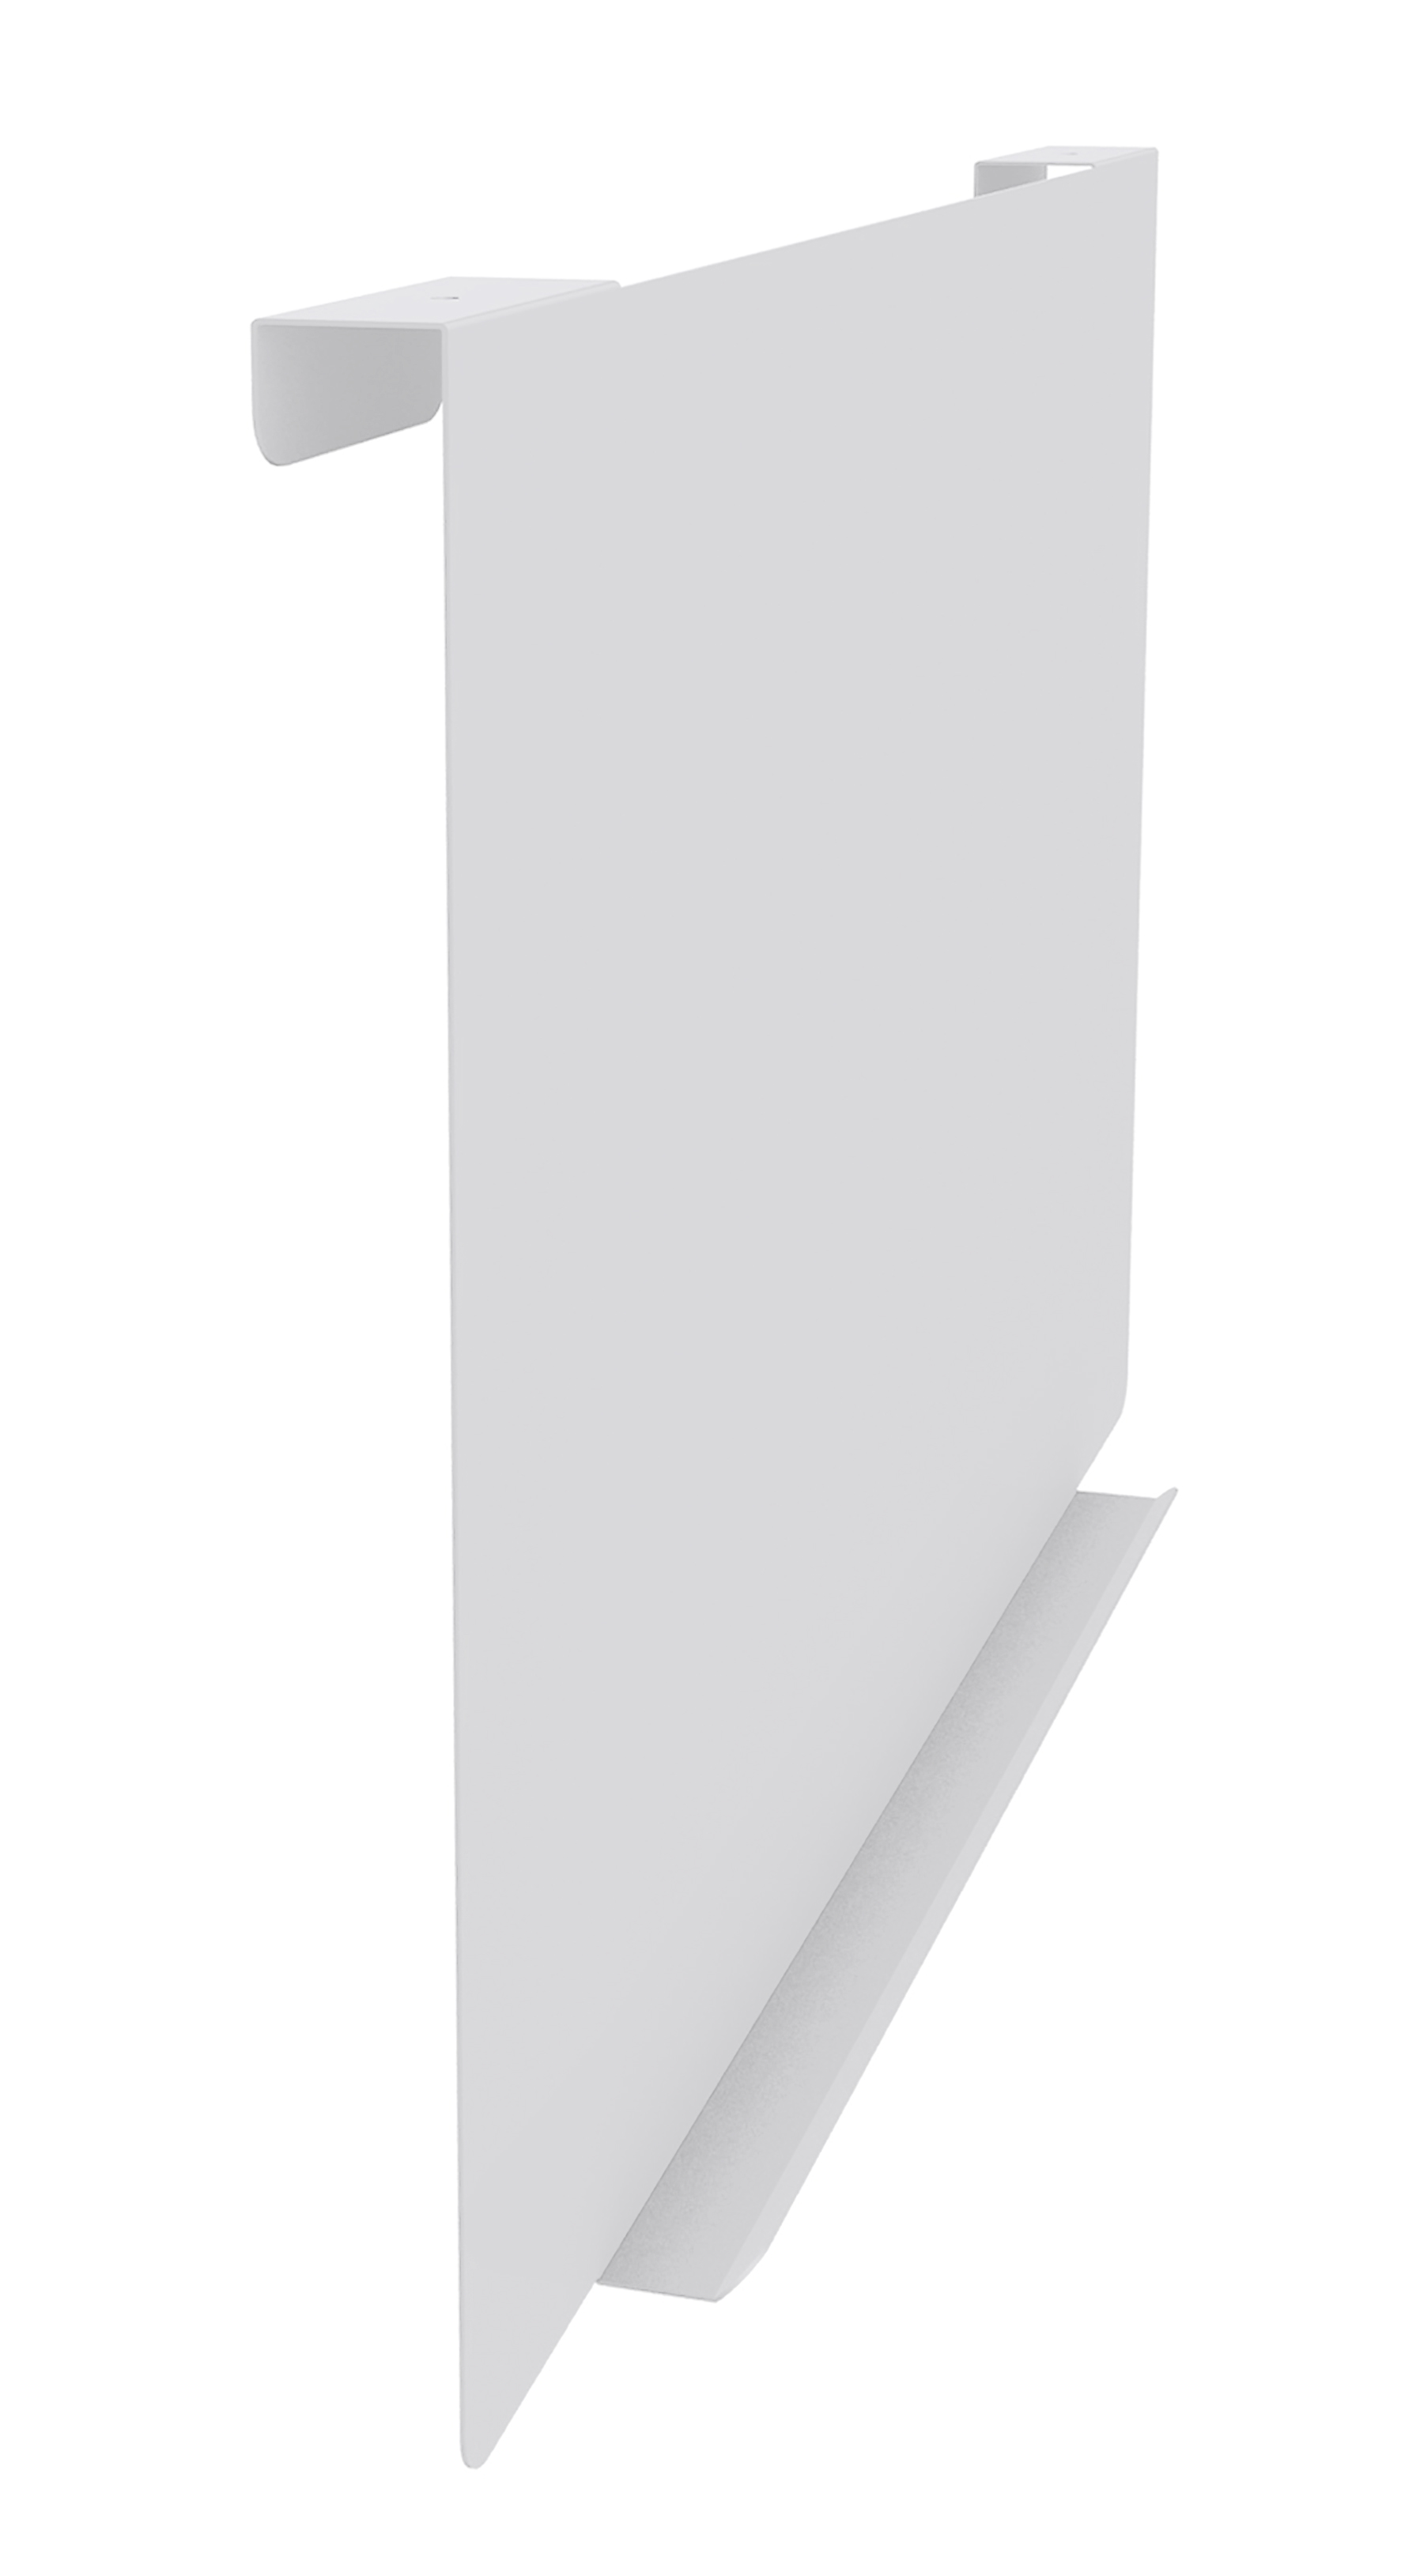 Tableau blanc IN'TEAM pour banquette et box acoustique - L80xH60 cm - coulissable sur panneau